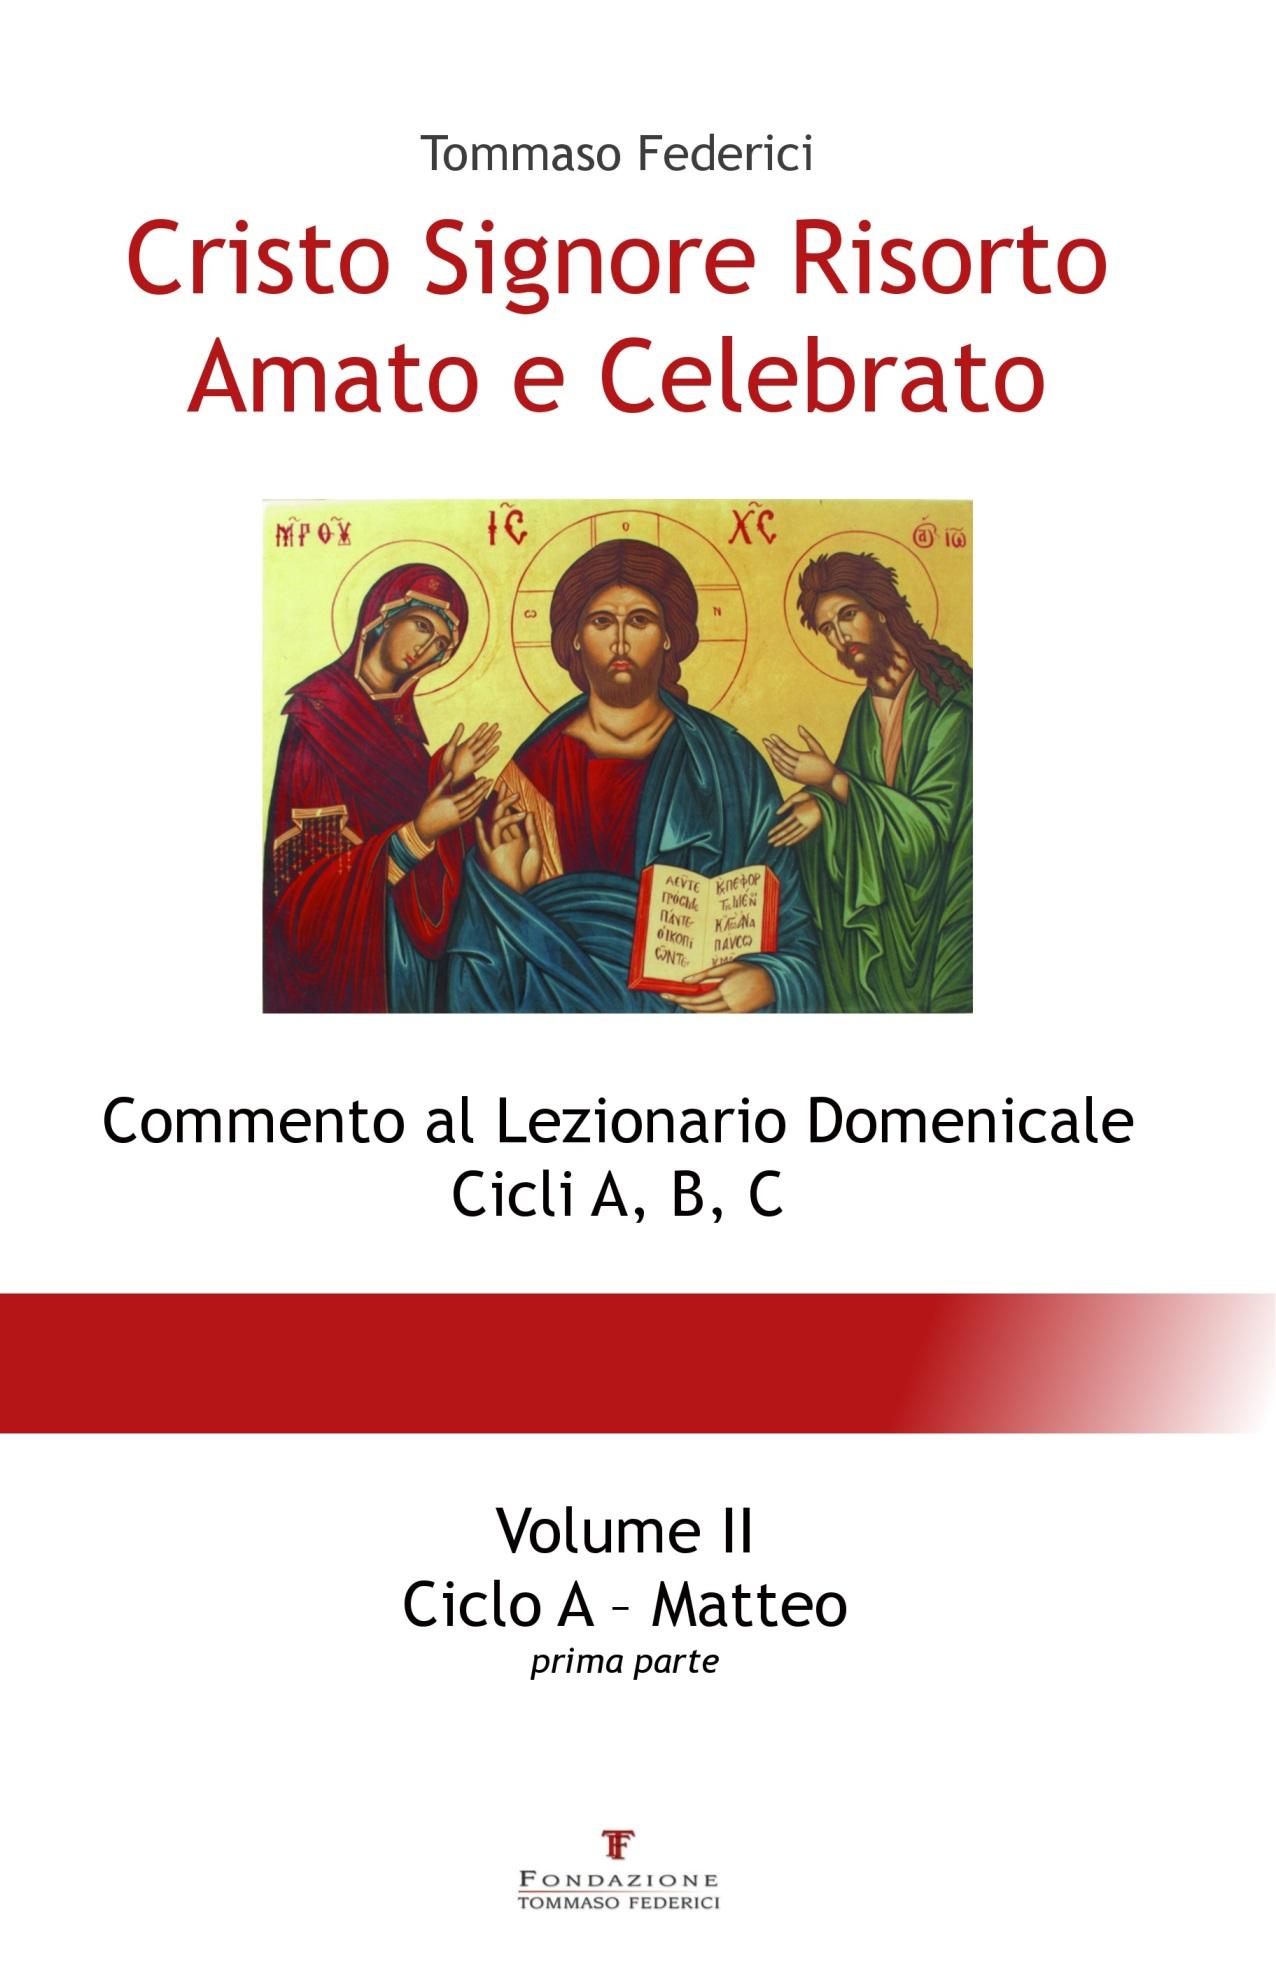 Cristo-Signore-Risorto-Amato-e-Celebrato_Volume-II_Matteo-1p